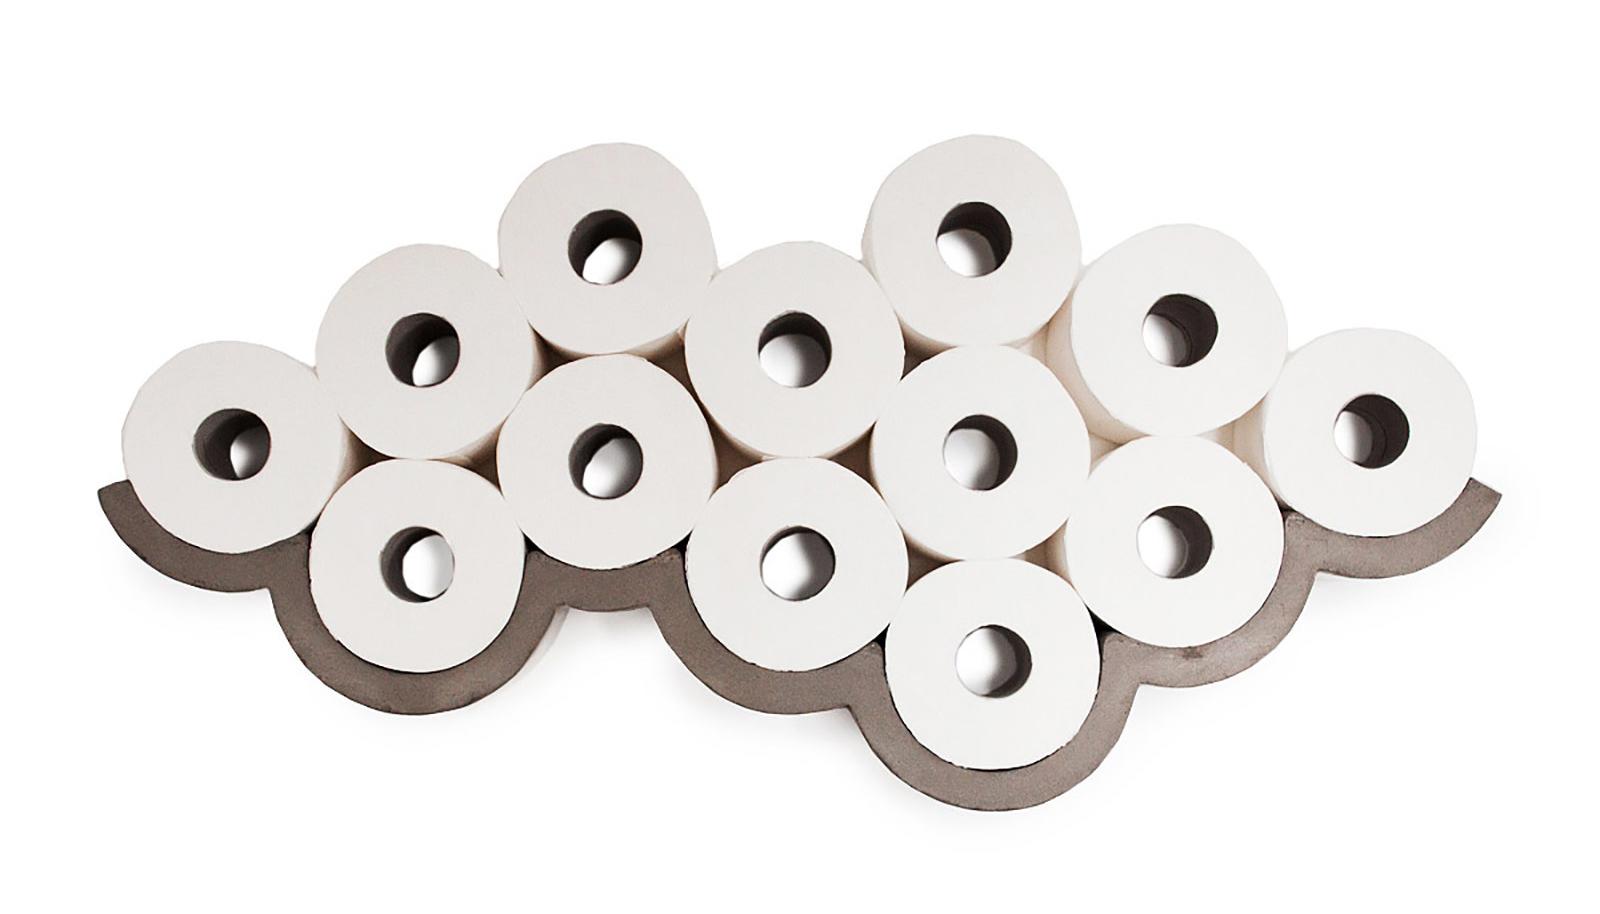 ルーミー編集部がひそかに注目しているインテリアアイテムは、コンクリート素材のもの_3